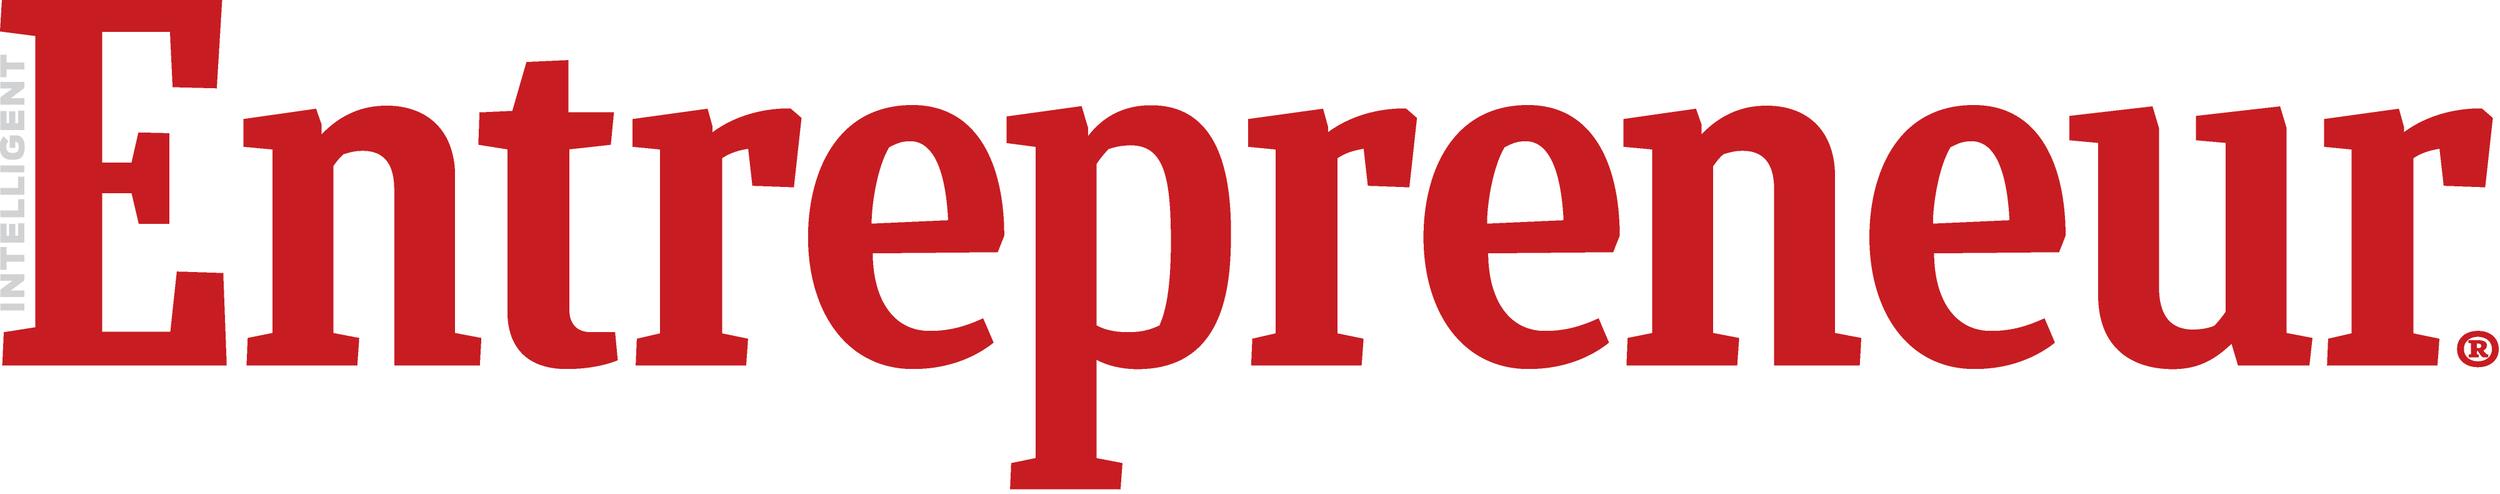 in_the_news_entrepreneur.jpg